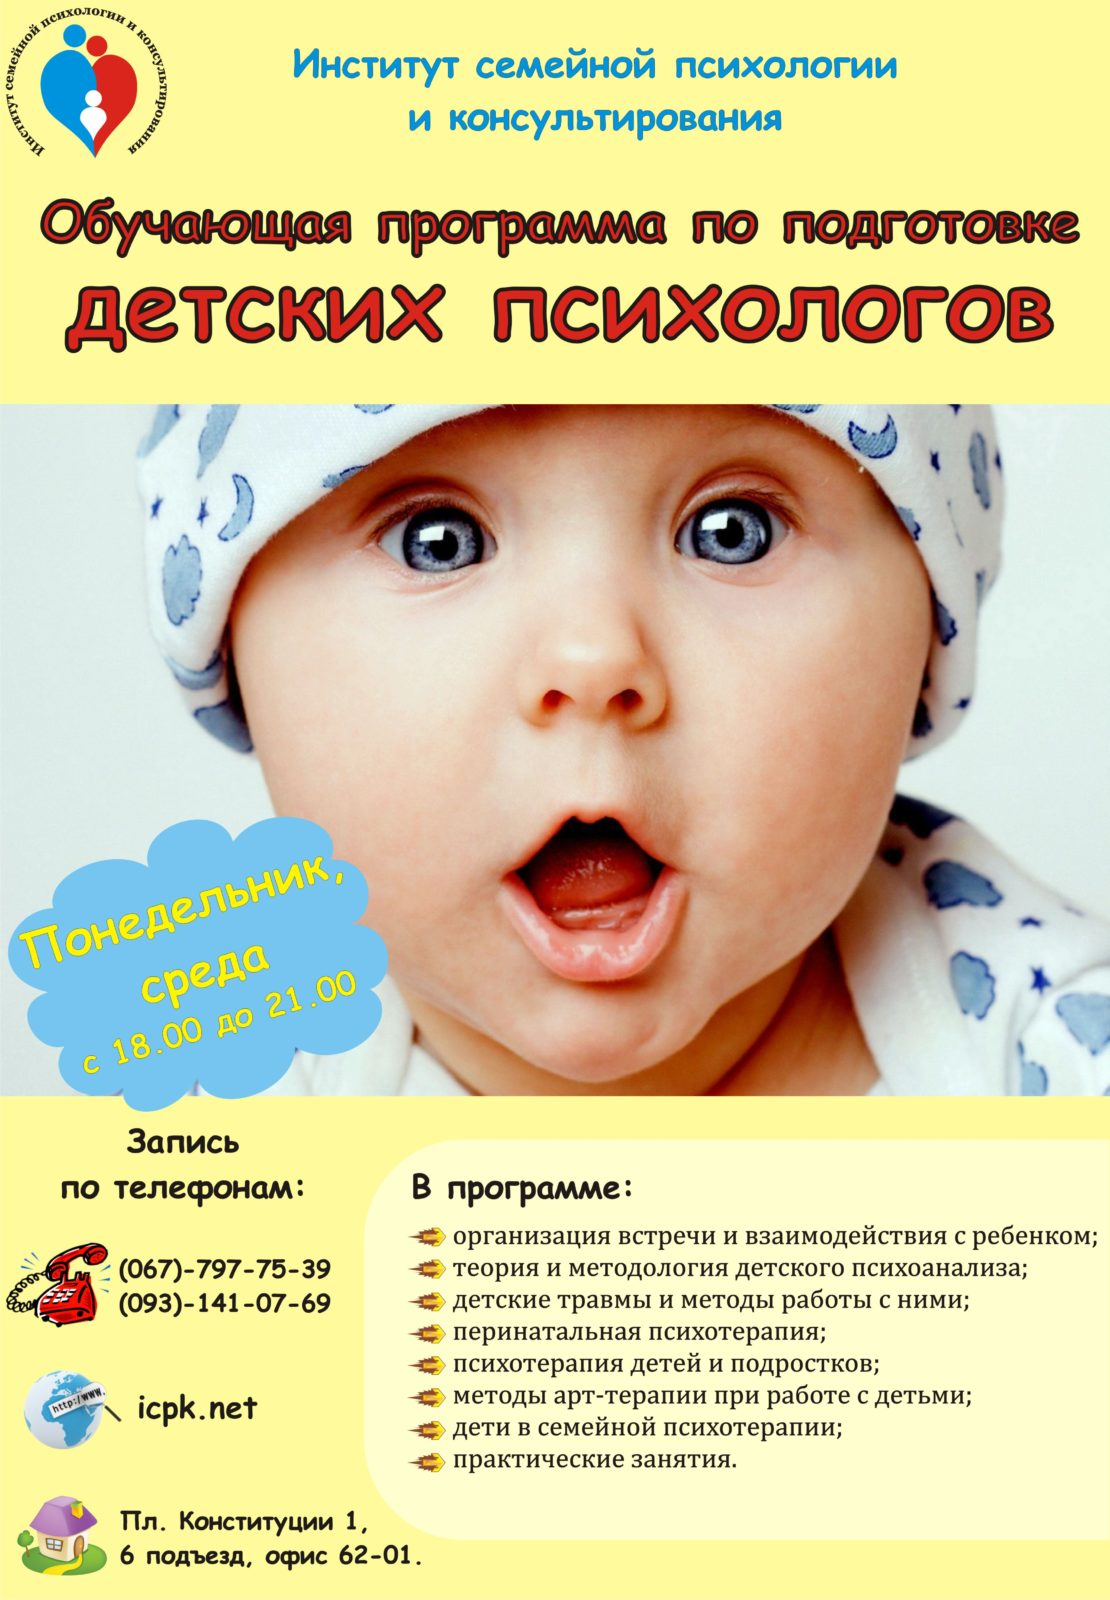 Обучающая программа по подготовке детских психологов